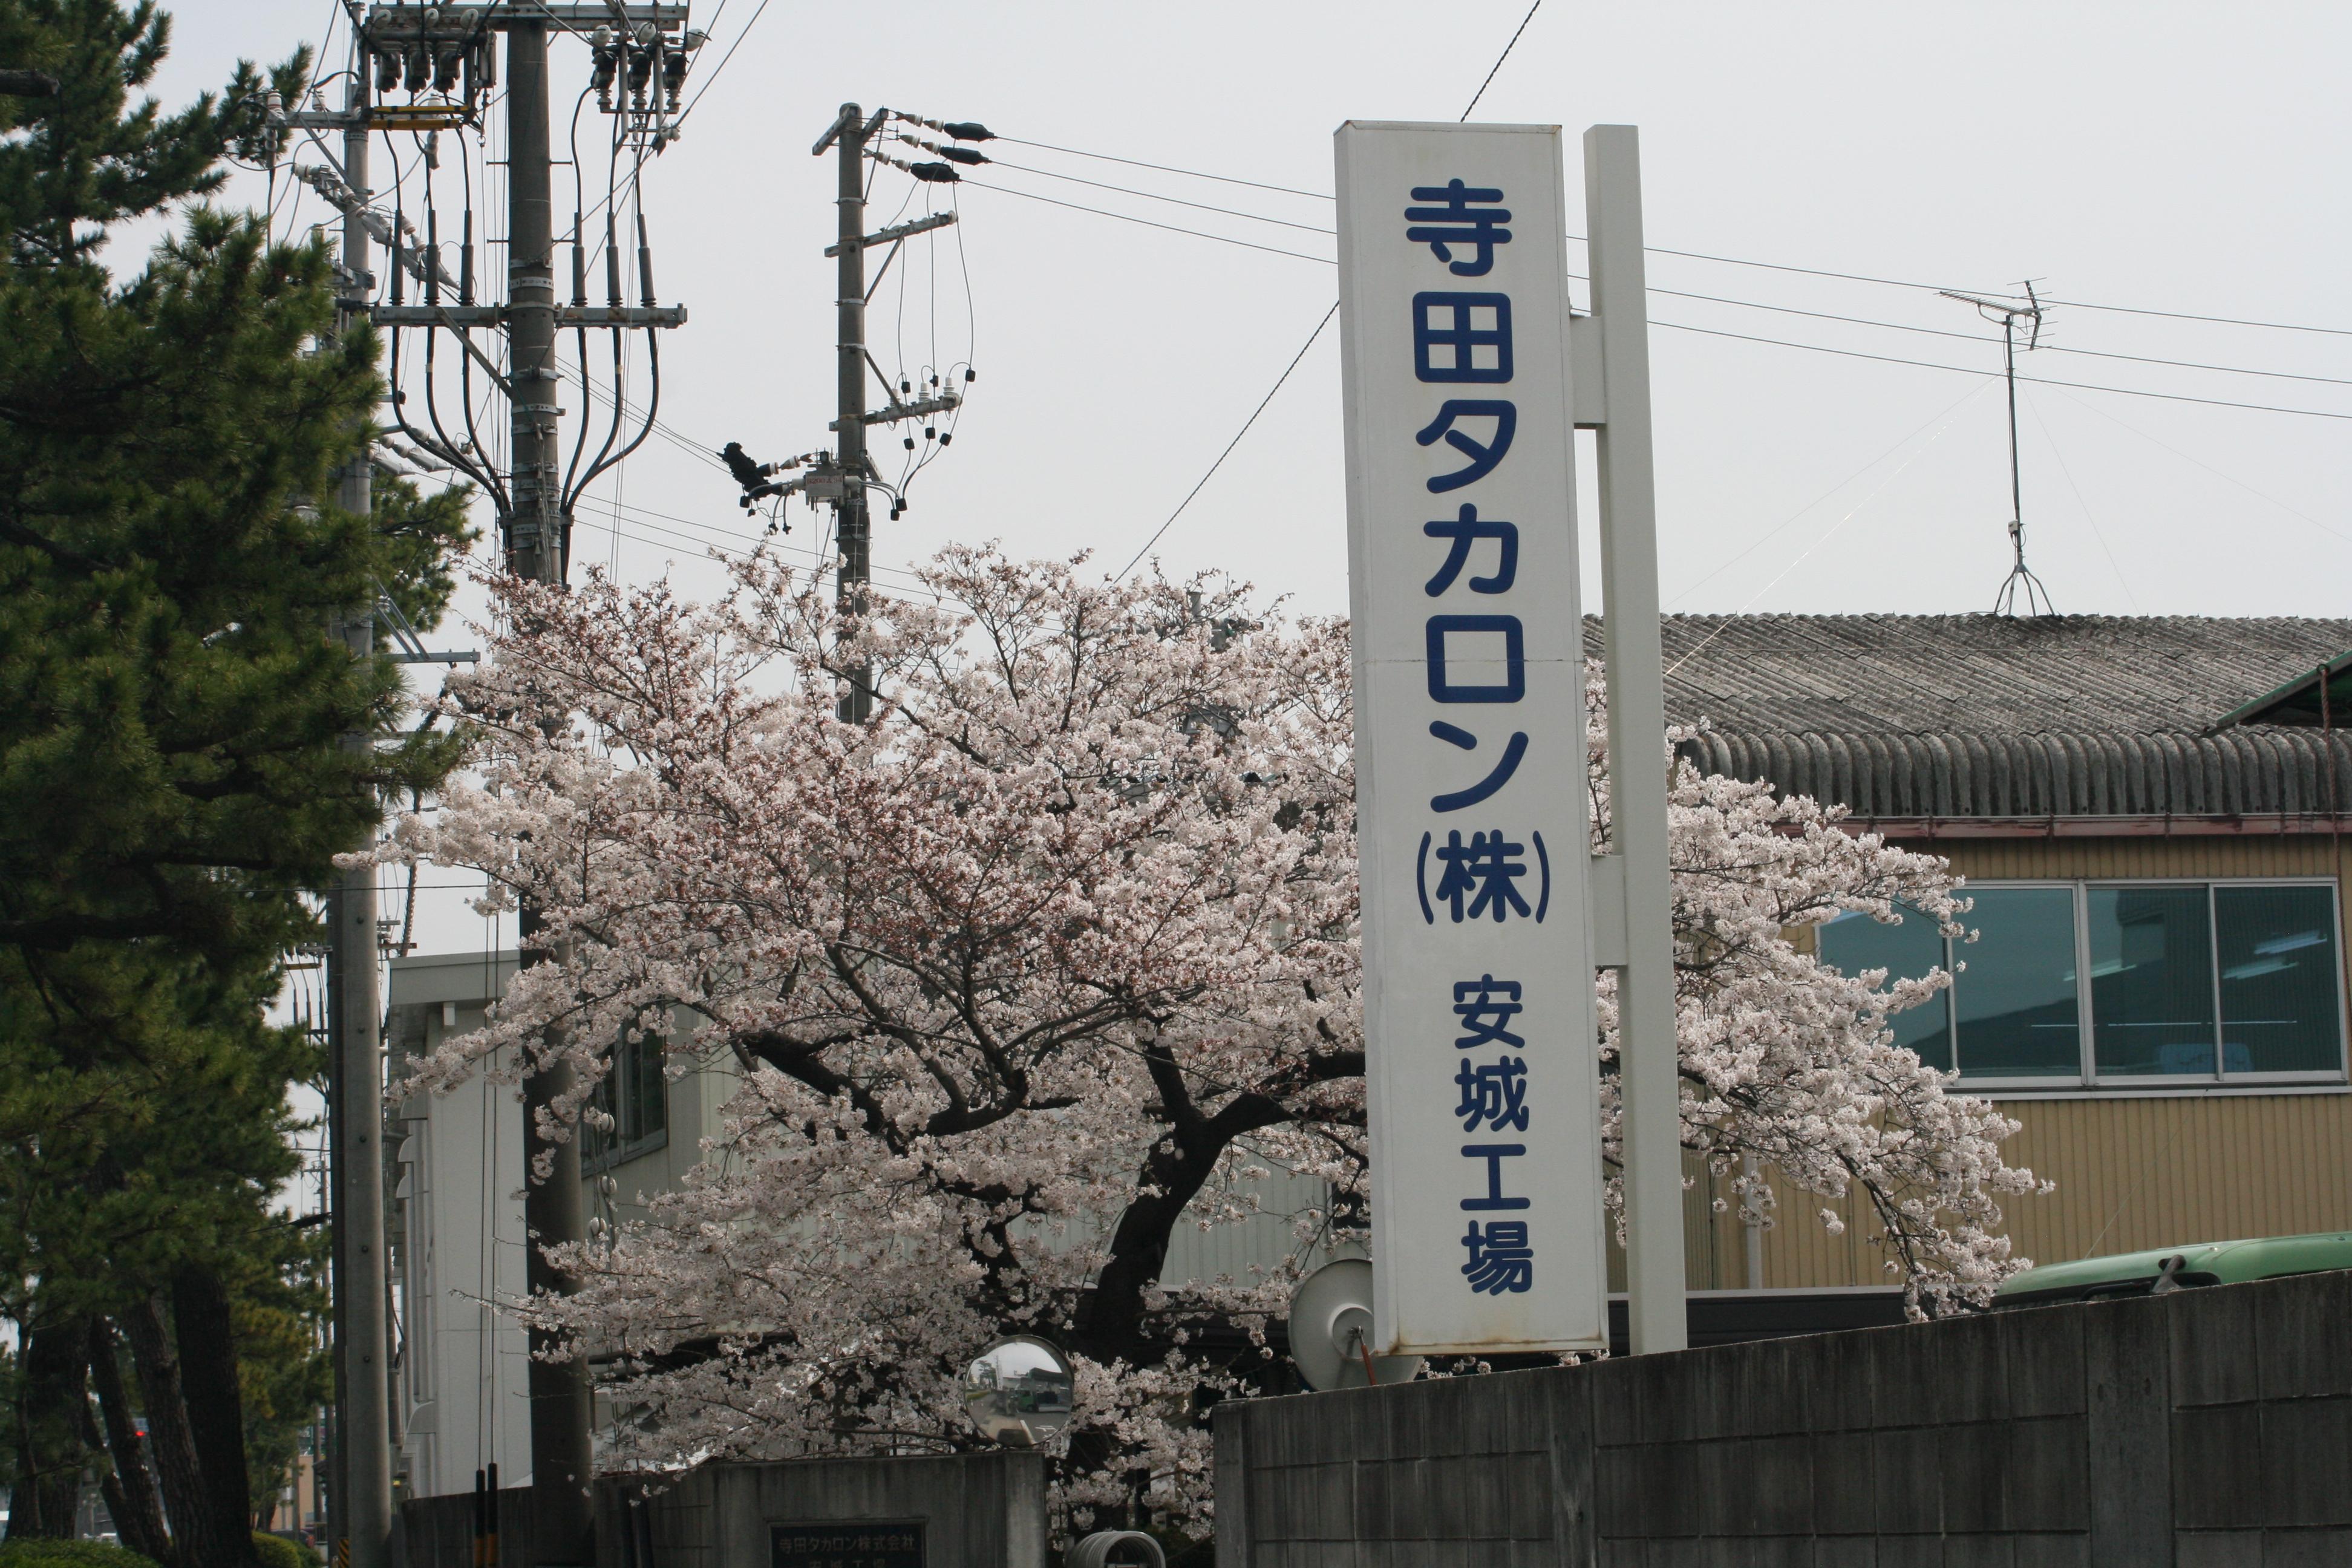 愛知 繊維 工場